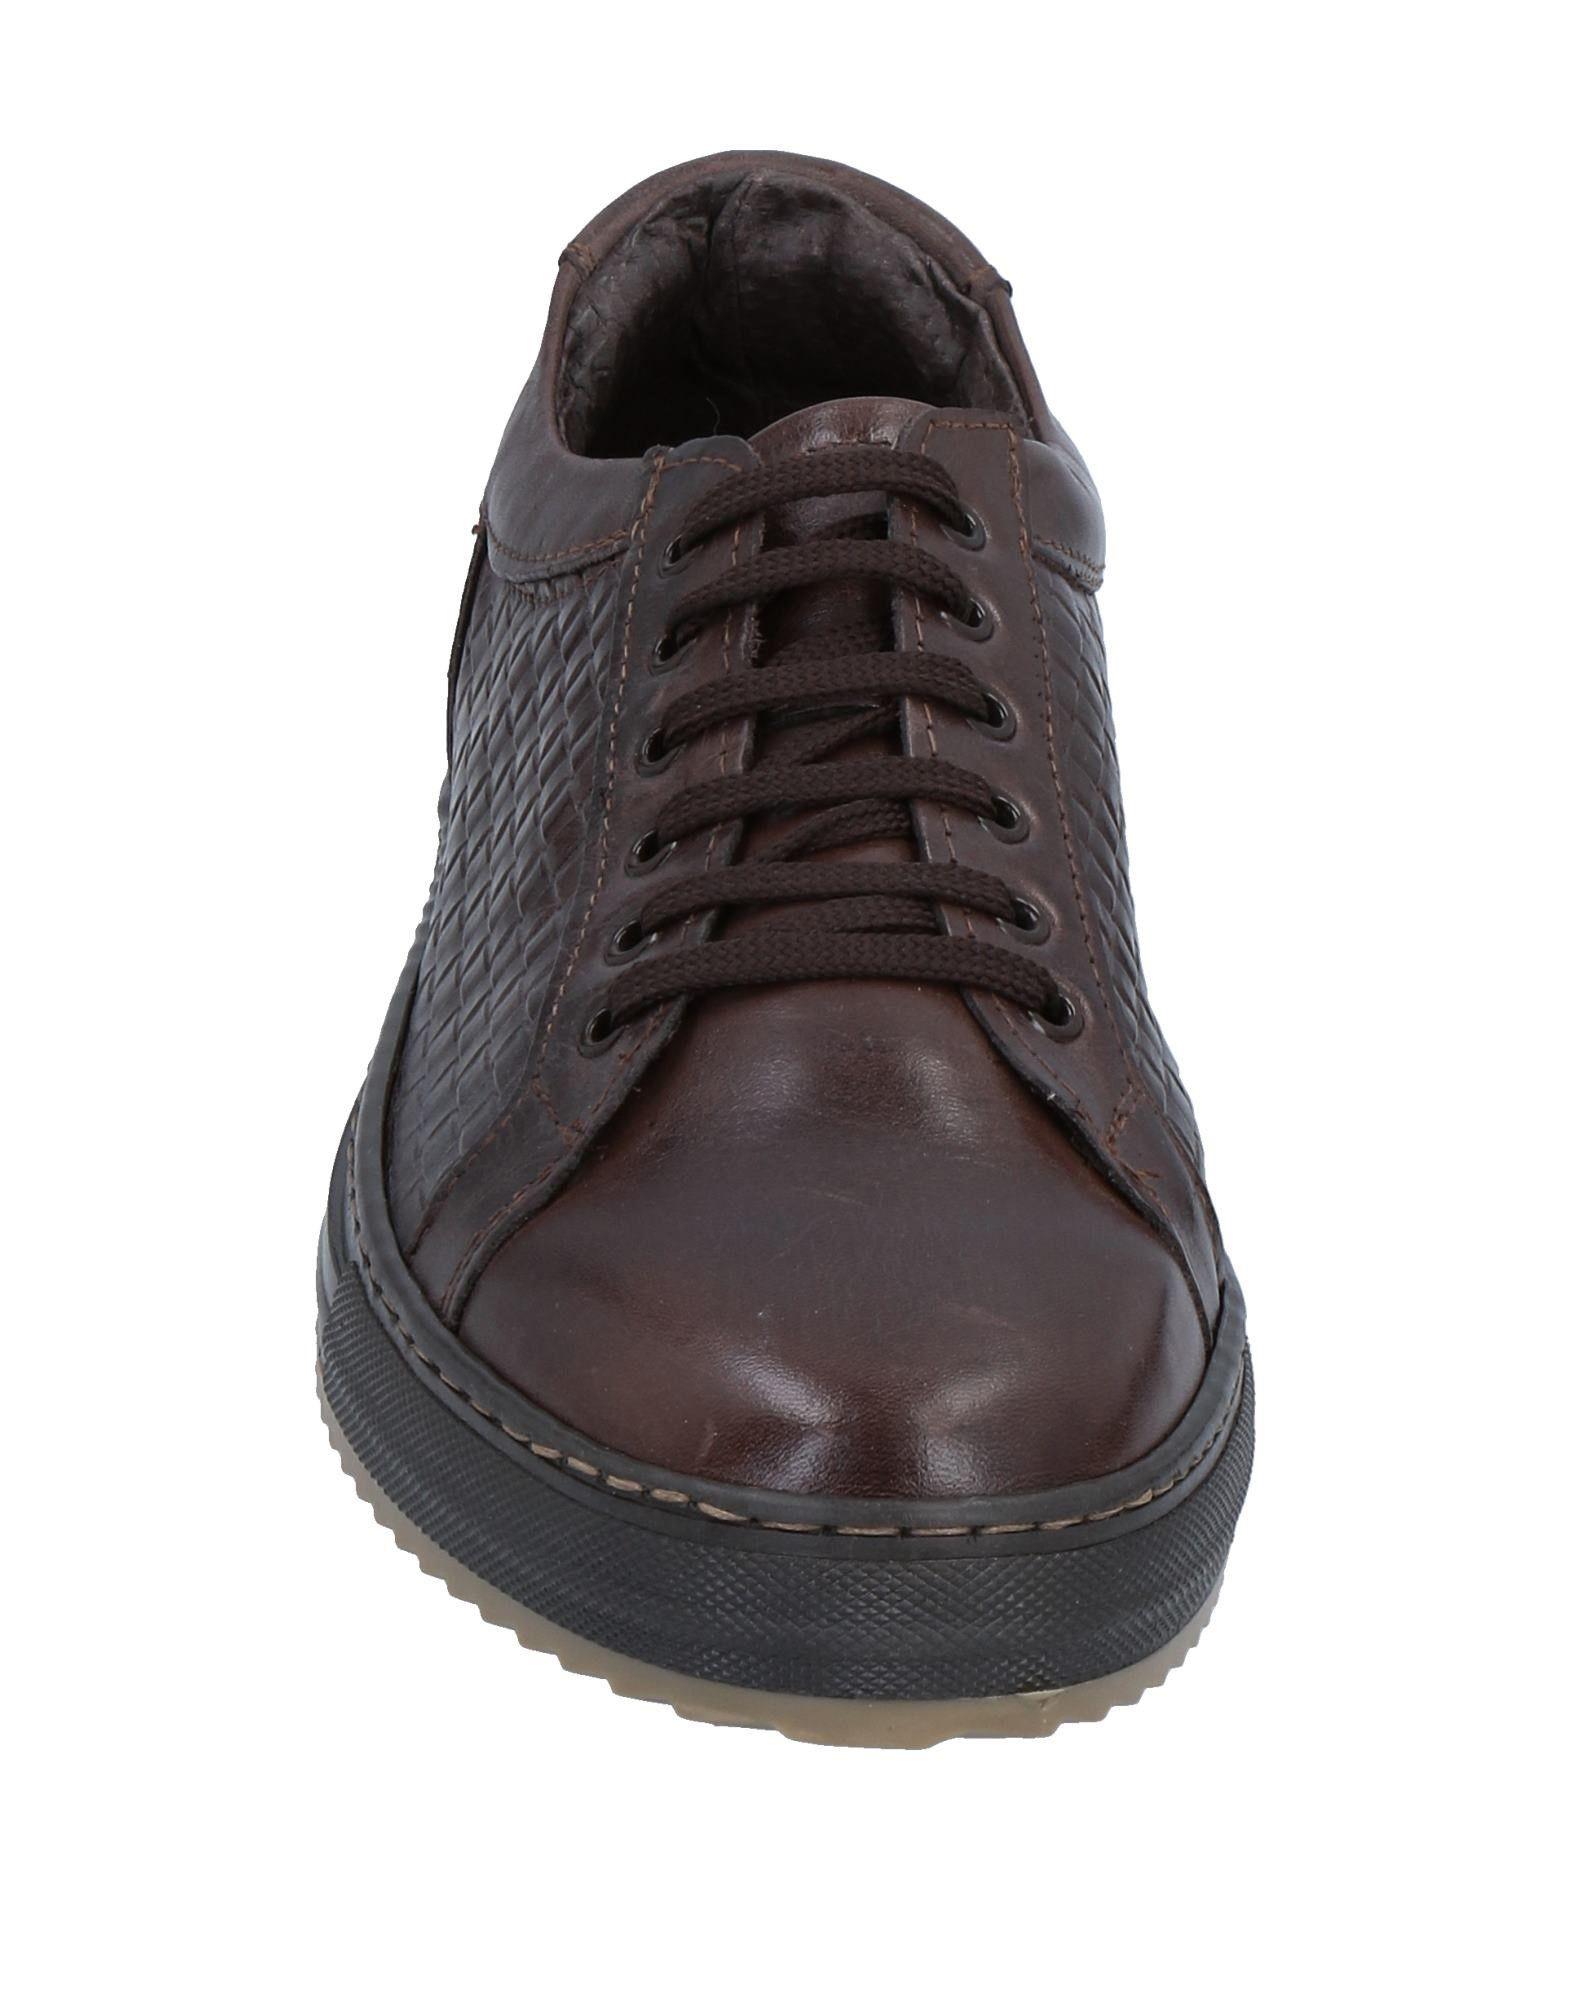 Rabatt echte Sneakers Schuhe Roberto Della Croce Sneakers echte Herren  11531543DX 9ffb3f